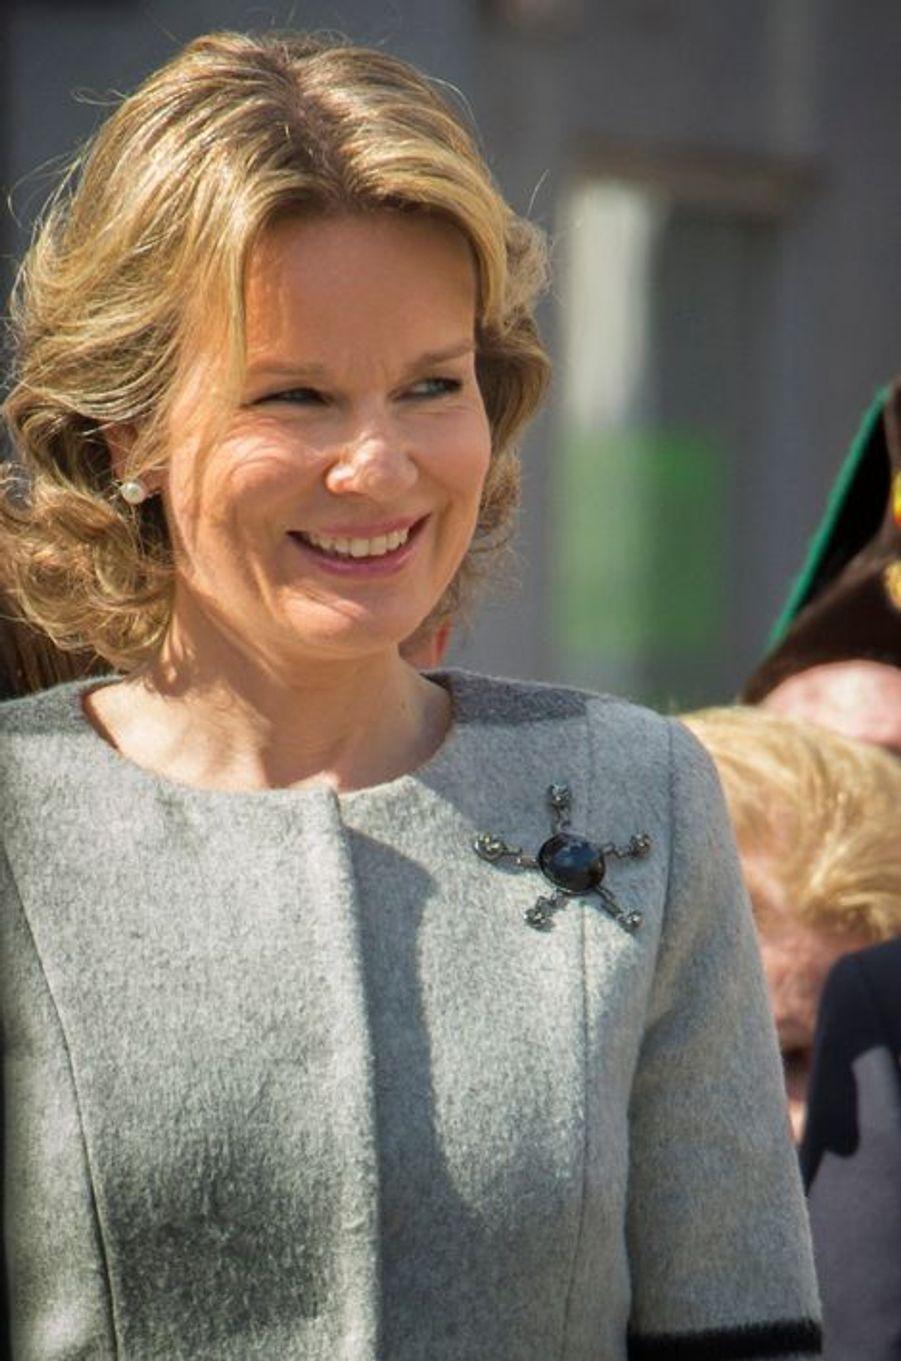 La reine Mathilde de Belgique à Bruxelles, le 3 avril 2016